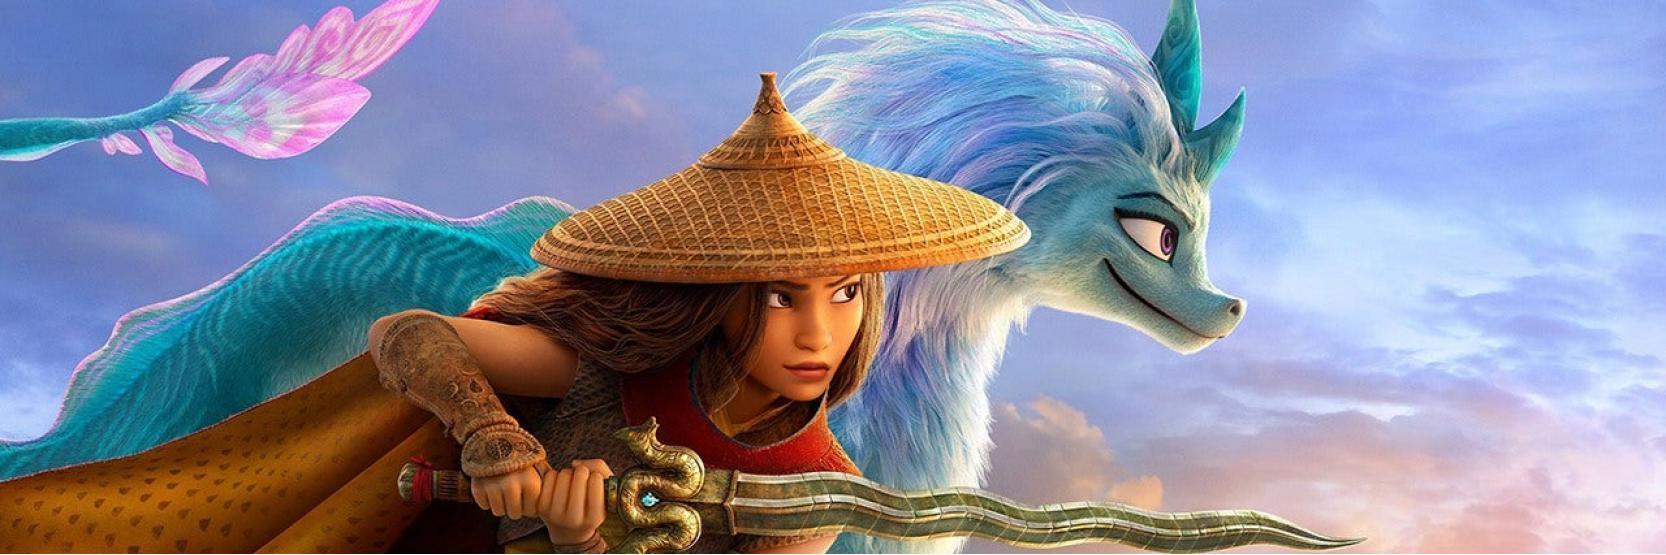 رايا والتنين الأخير (Raya and the Last Dragon)